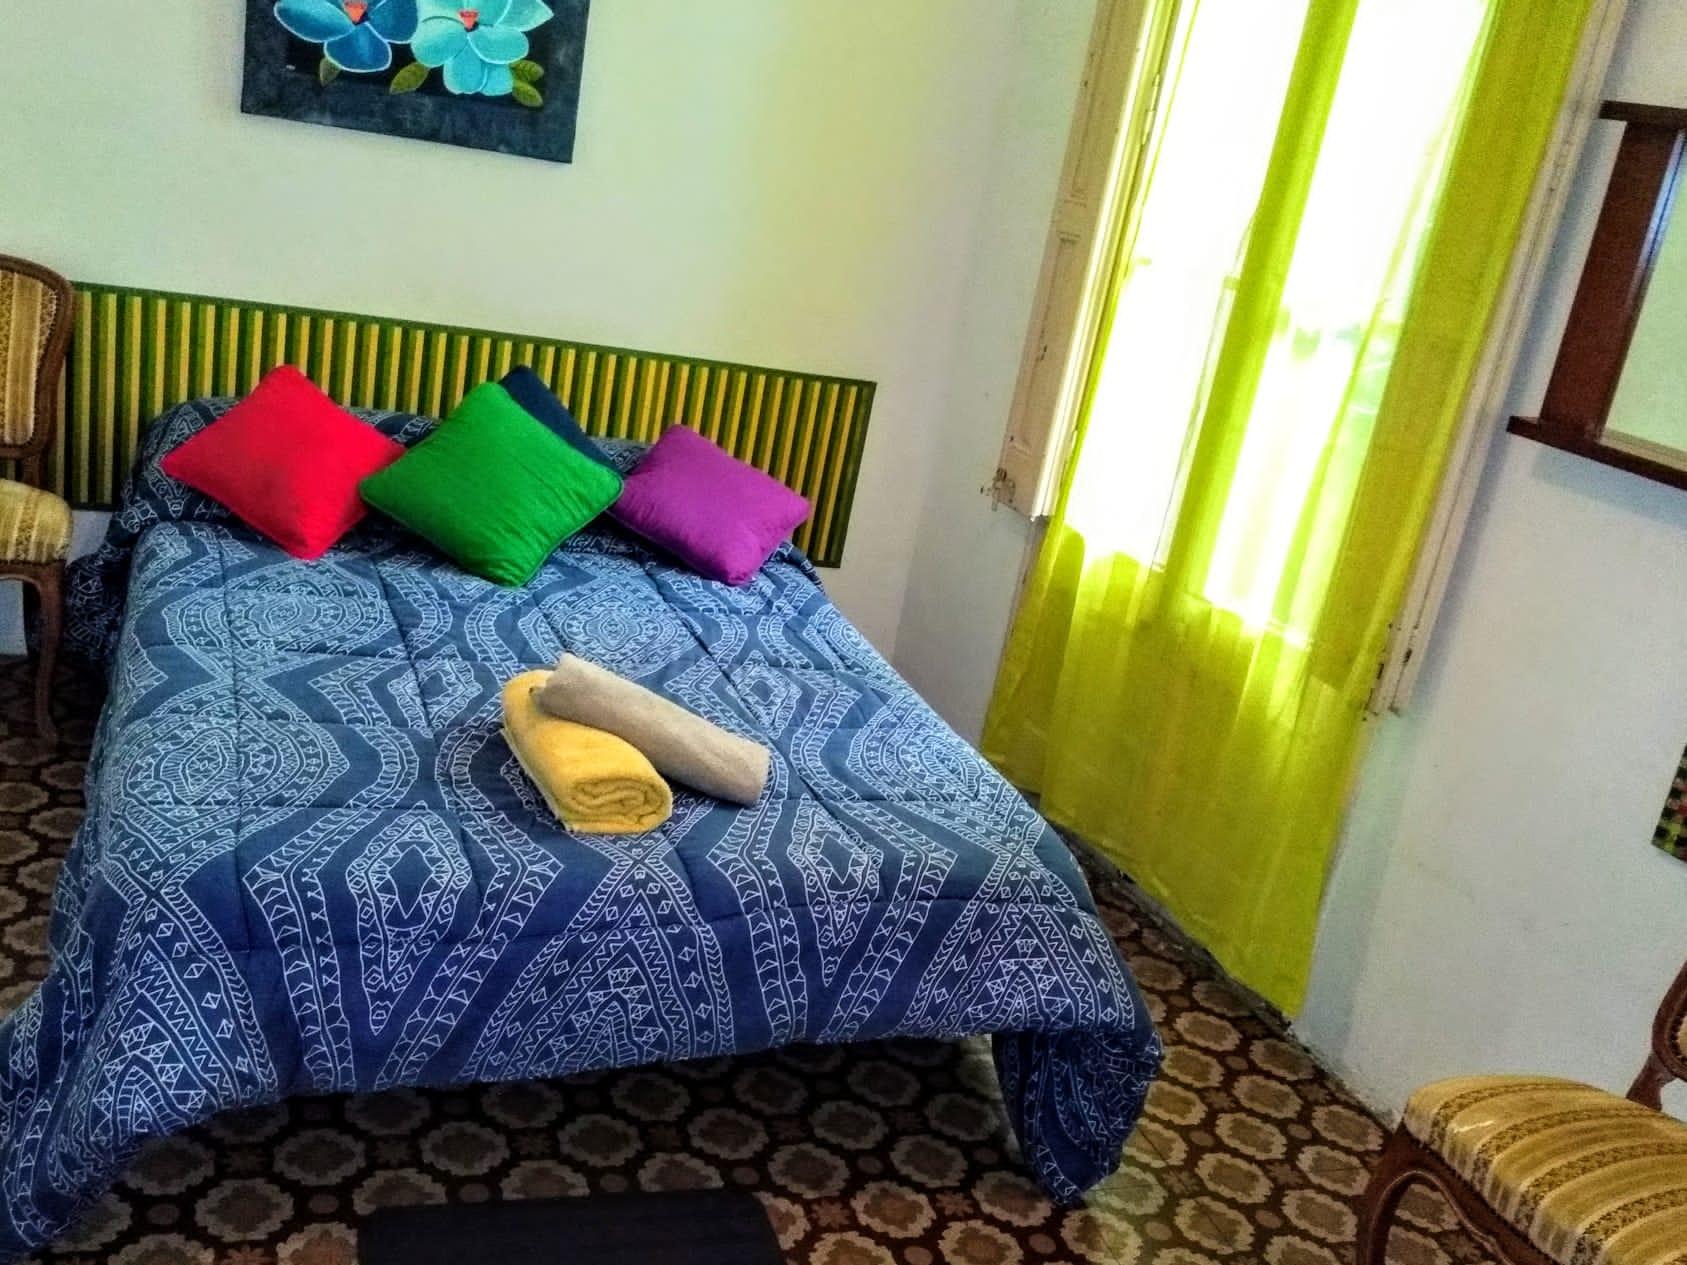 Квартира на продажу в Сиутат Велла, Барселона.